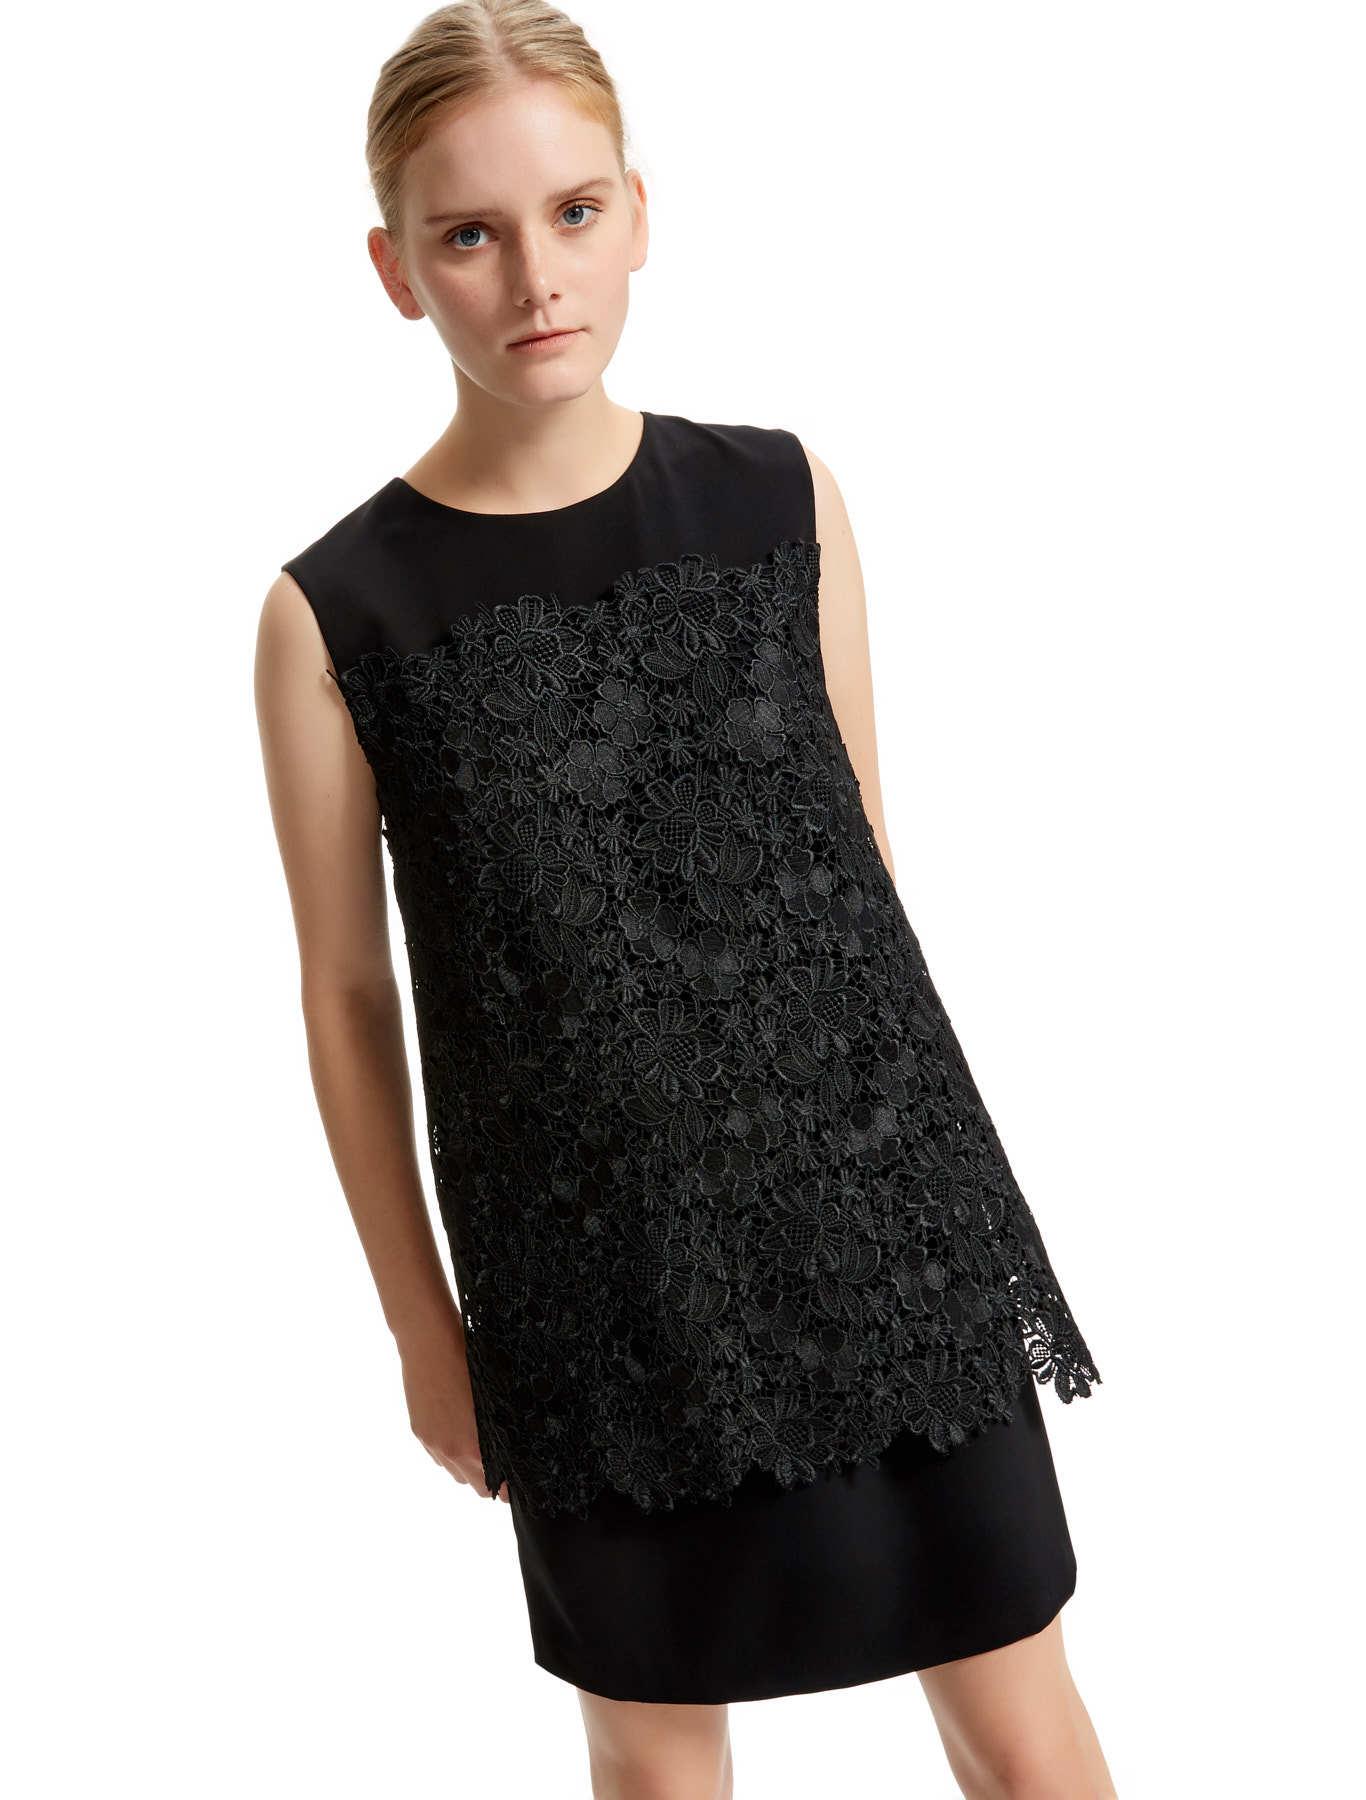 Layered Lace Shift Dress